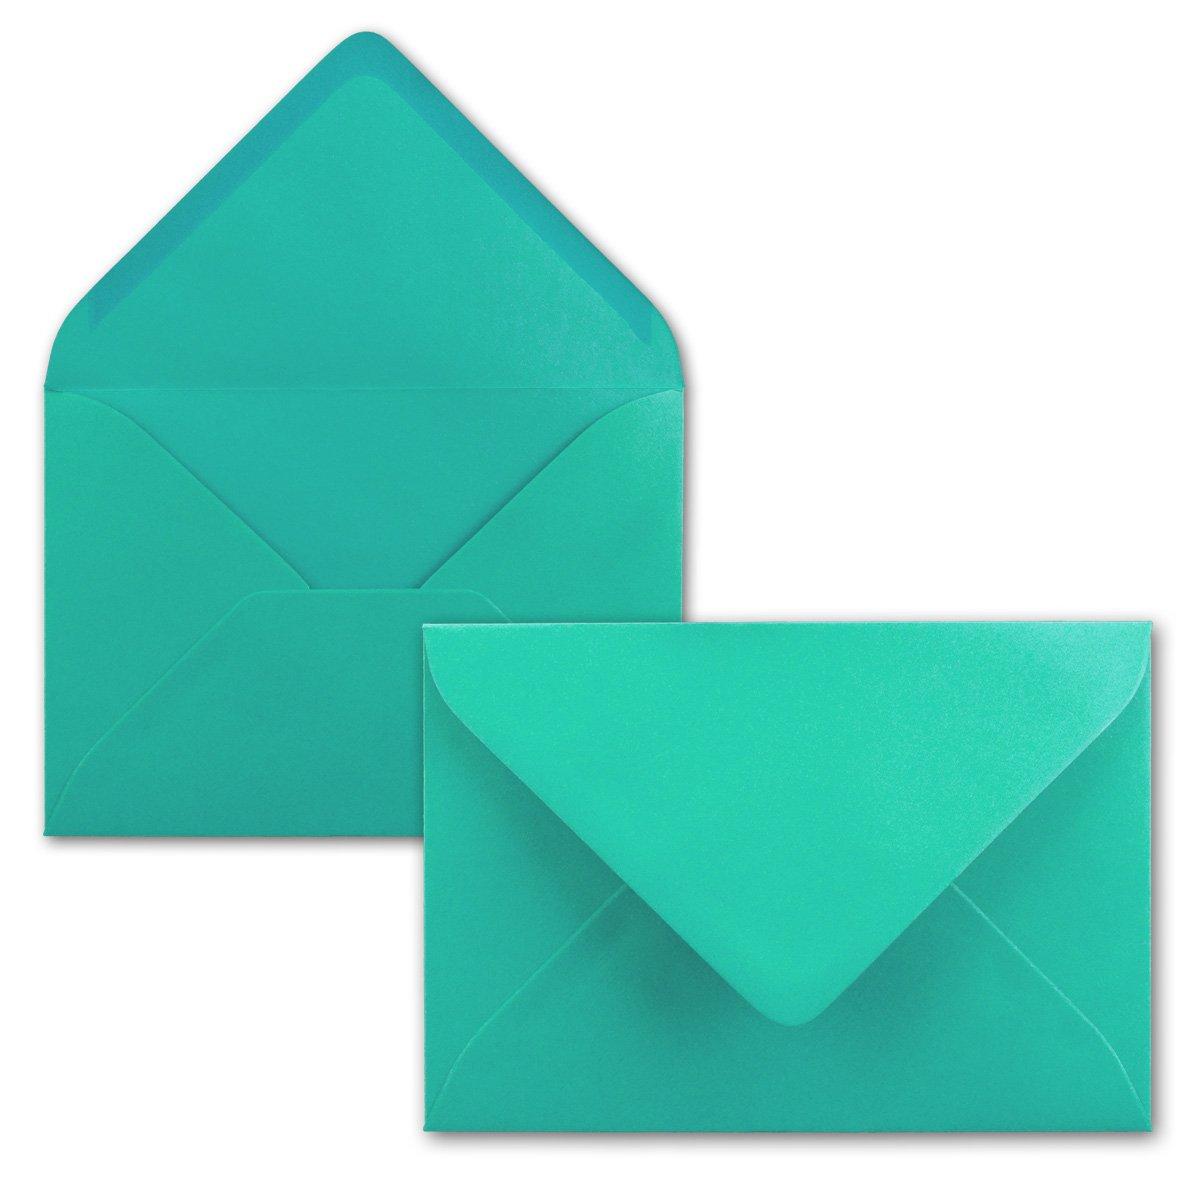 120 g//m/² 150x Briefumschl/äge B6 17,5 x 12,5 cm Einladungen Pazifikblau//T/ürkis Nassklebung mit spitzer Klappe F/ür Hochzeit Gru/ß-Karten